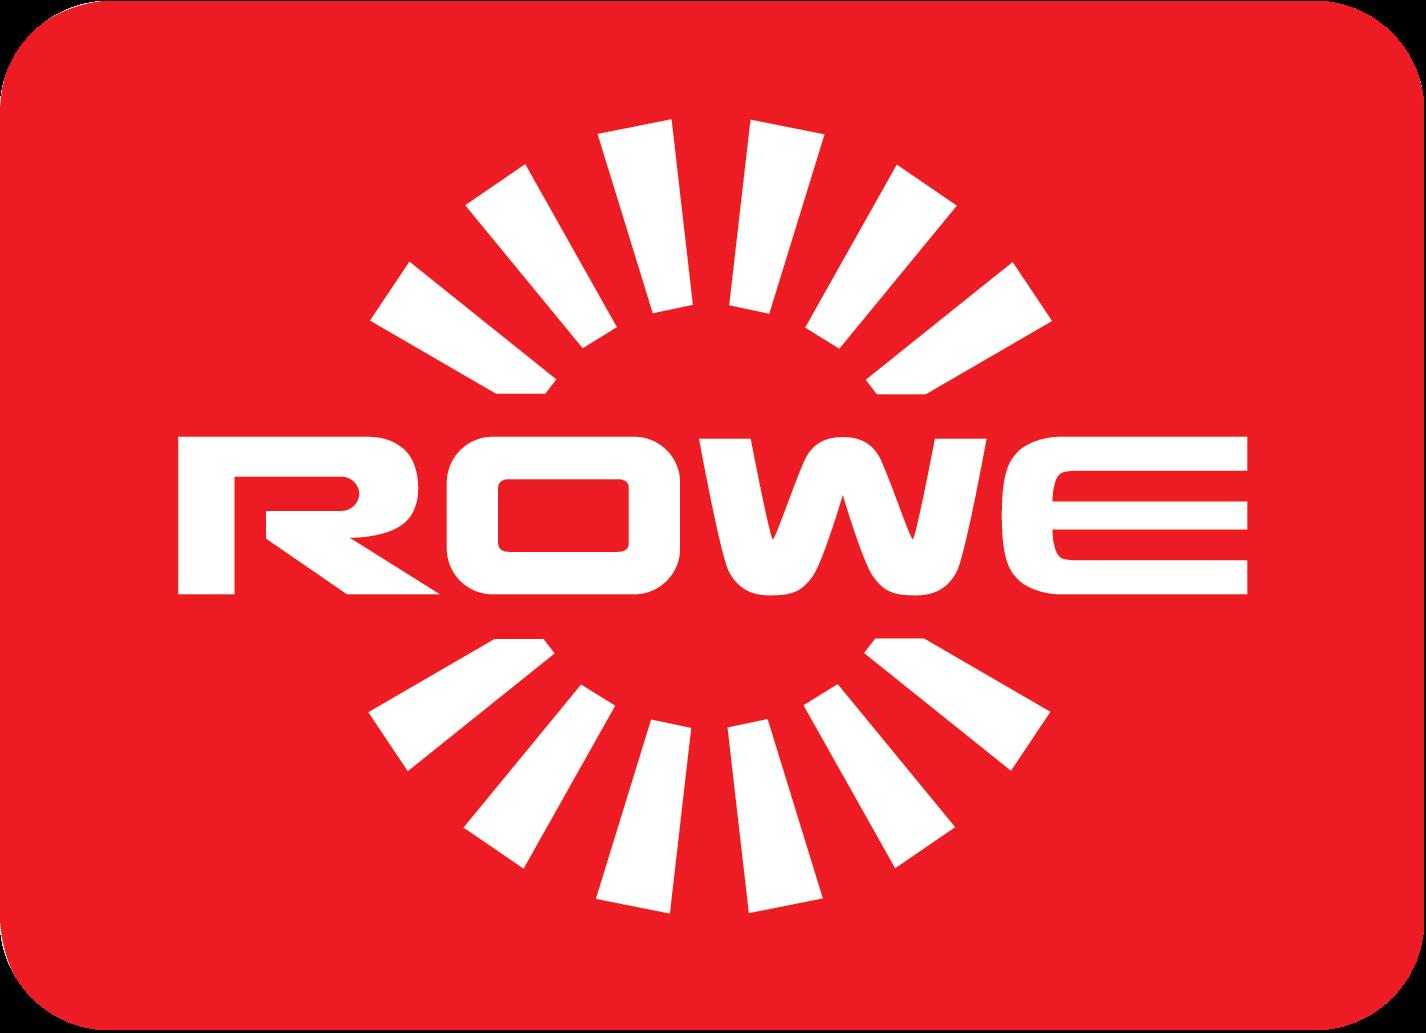 ROWE Großformatdrucker, Großformatscanner, Faltsysteme